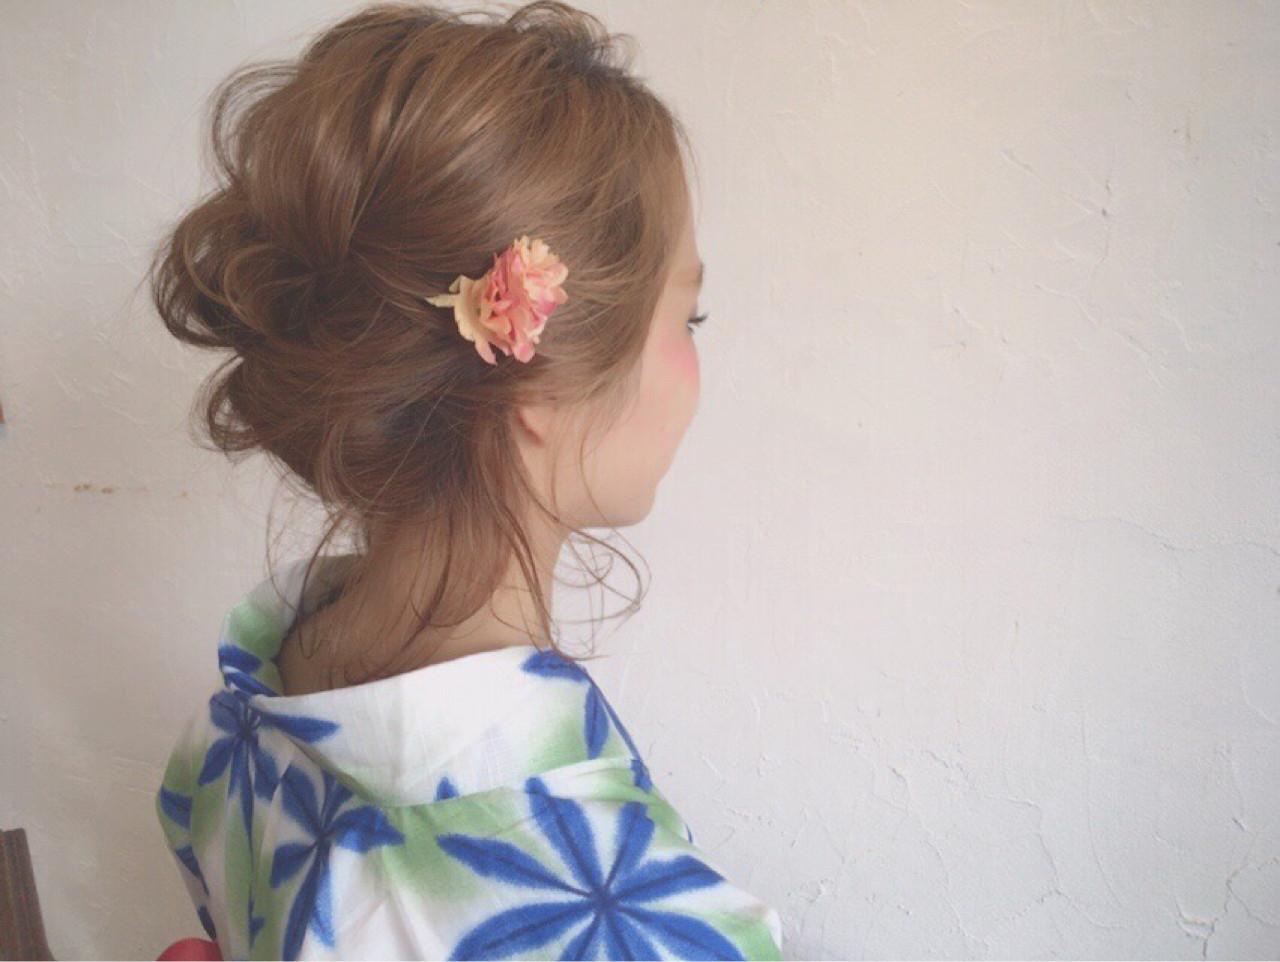 簡単ヘアアレンジ ヘアアレンジ お団子 結婚式 ヘアスタイルや髪型の写真・画像